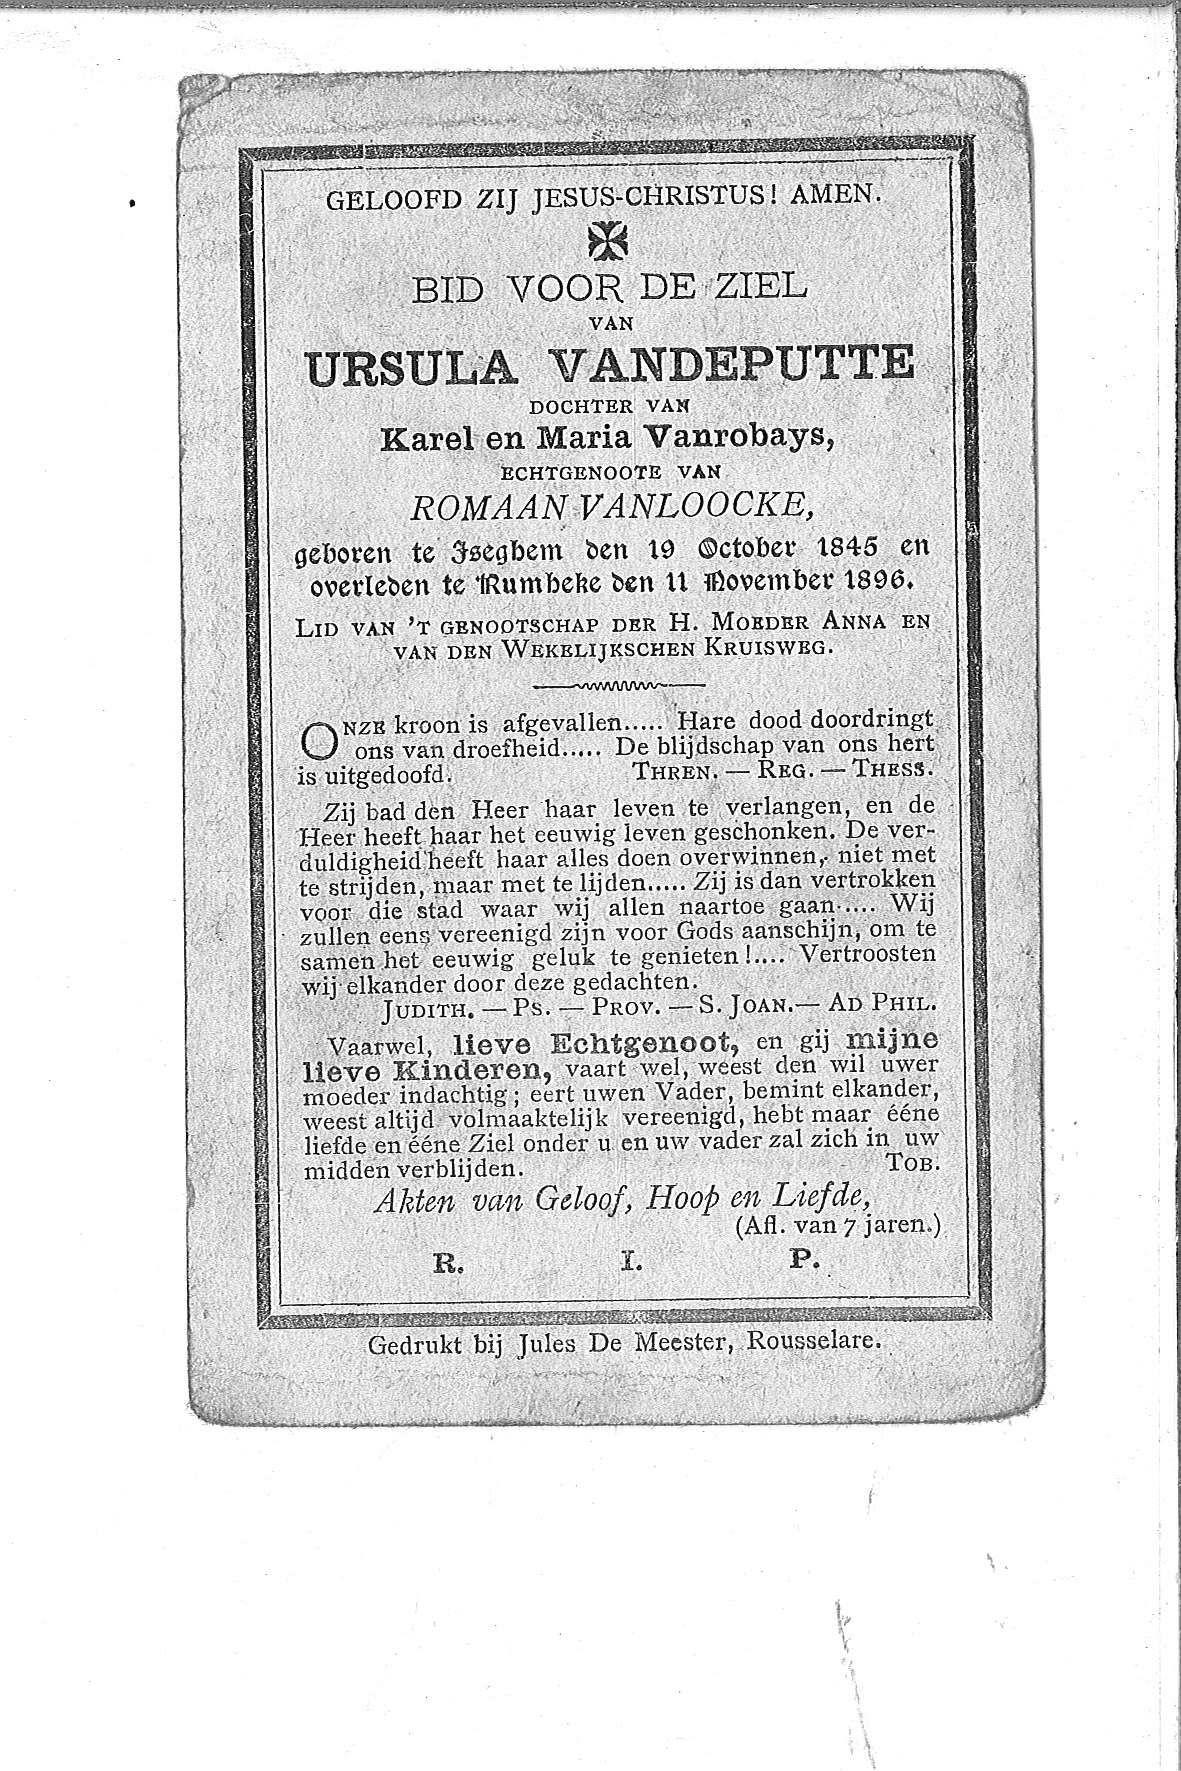 Ursula(1896)20131023134903_00281.jpg